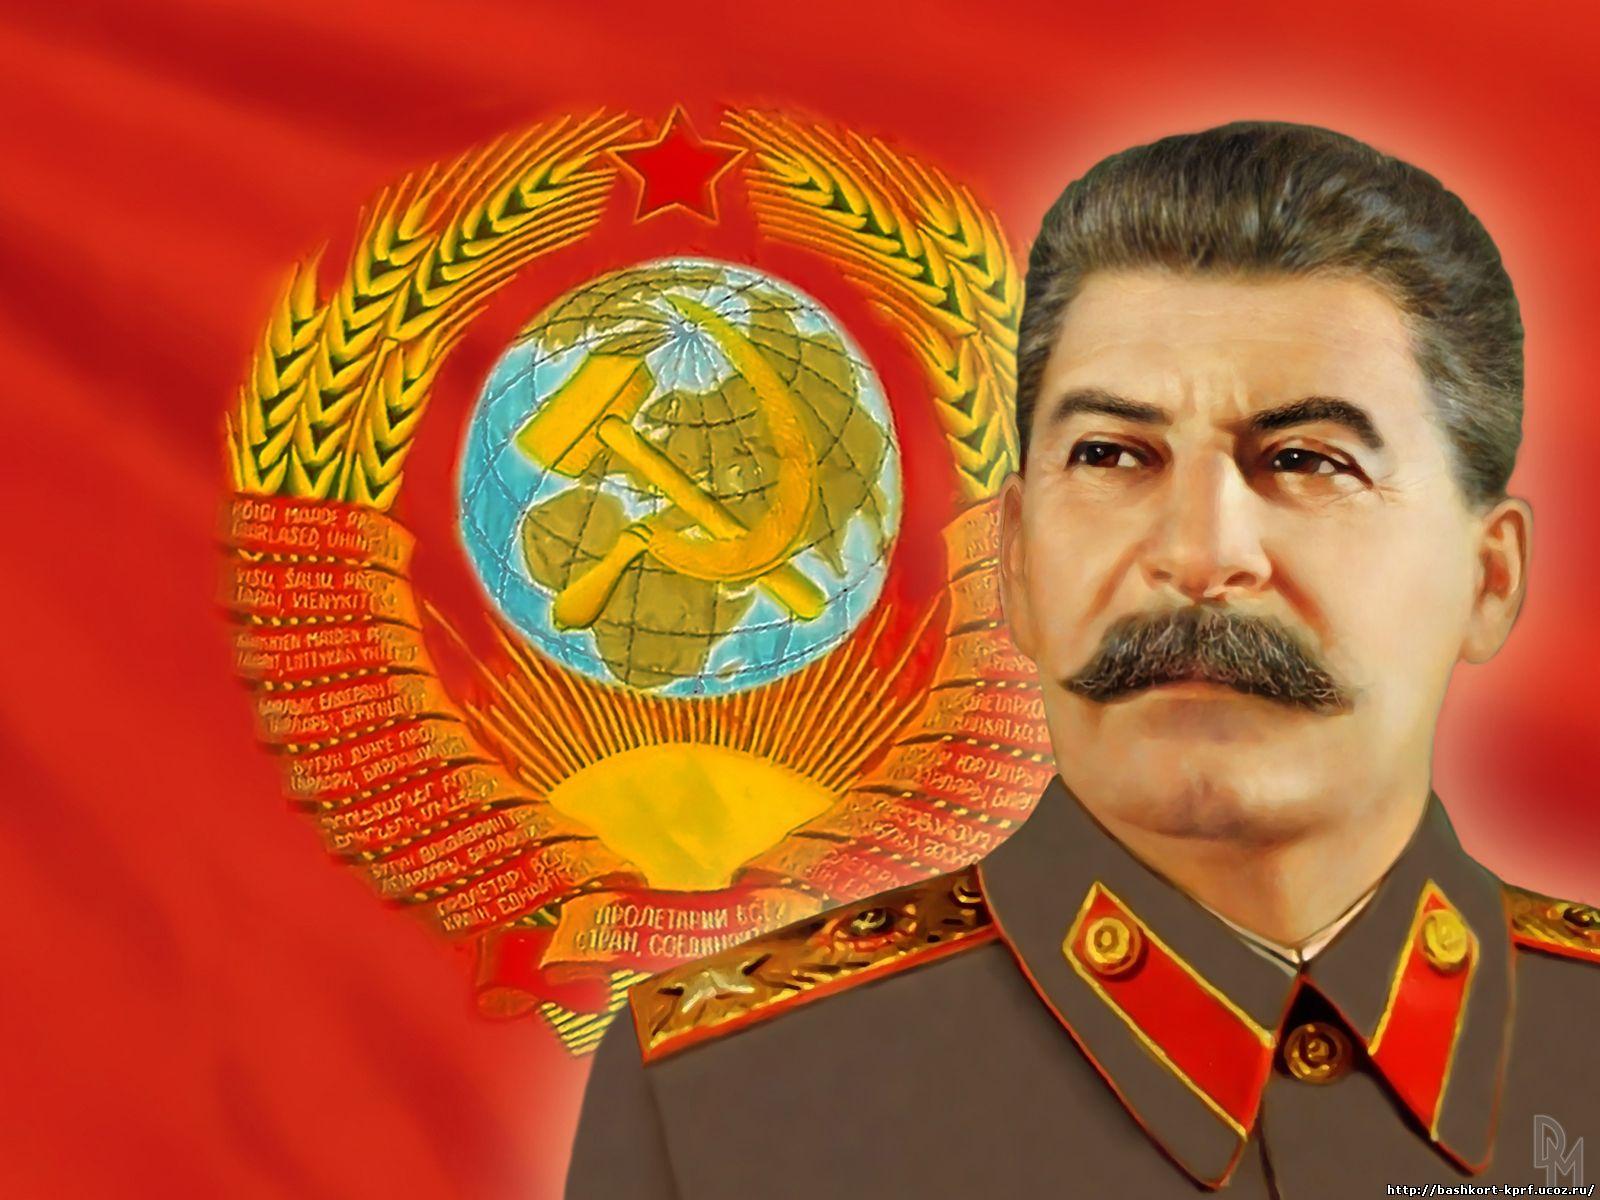 Imensa arhivă personală a lui Stalin, în format electronic